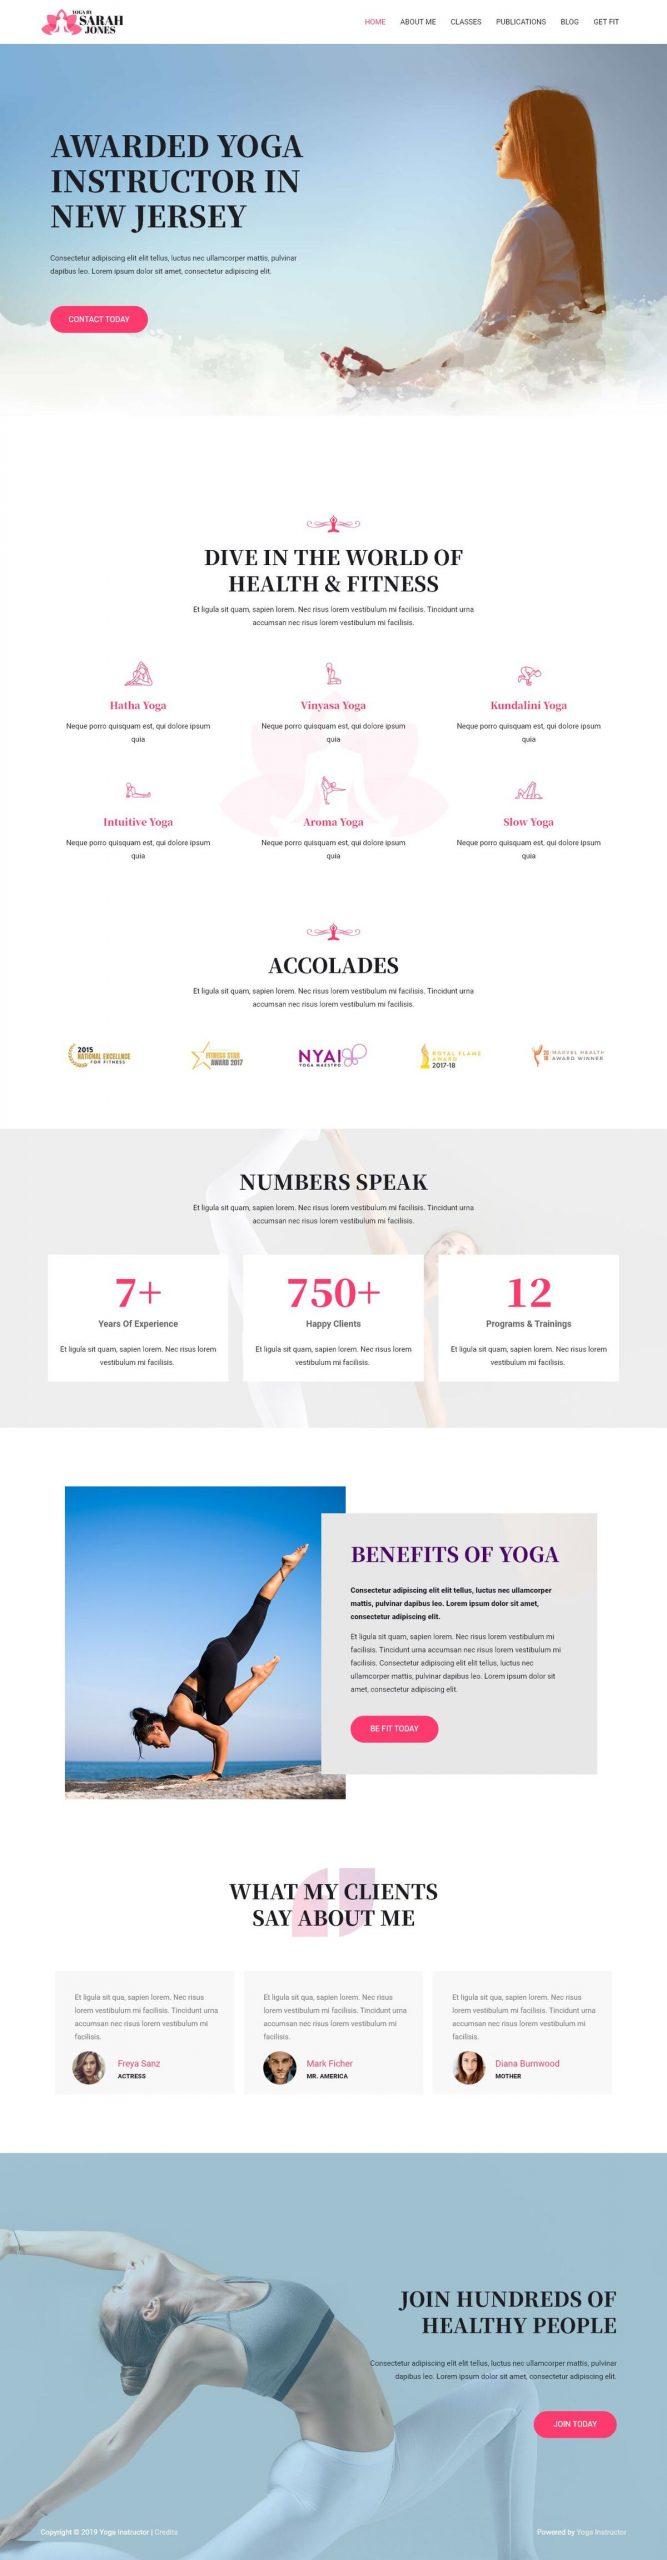 yoga instructeur website